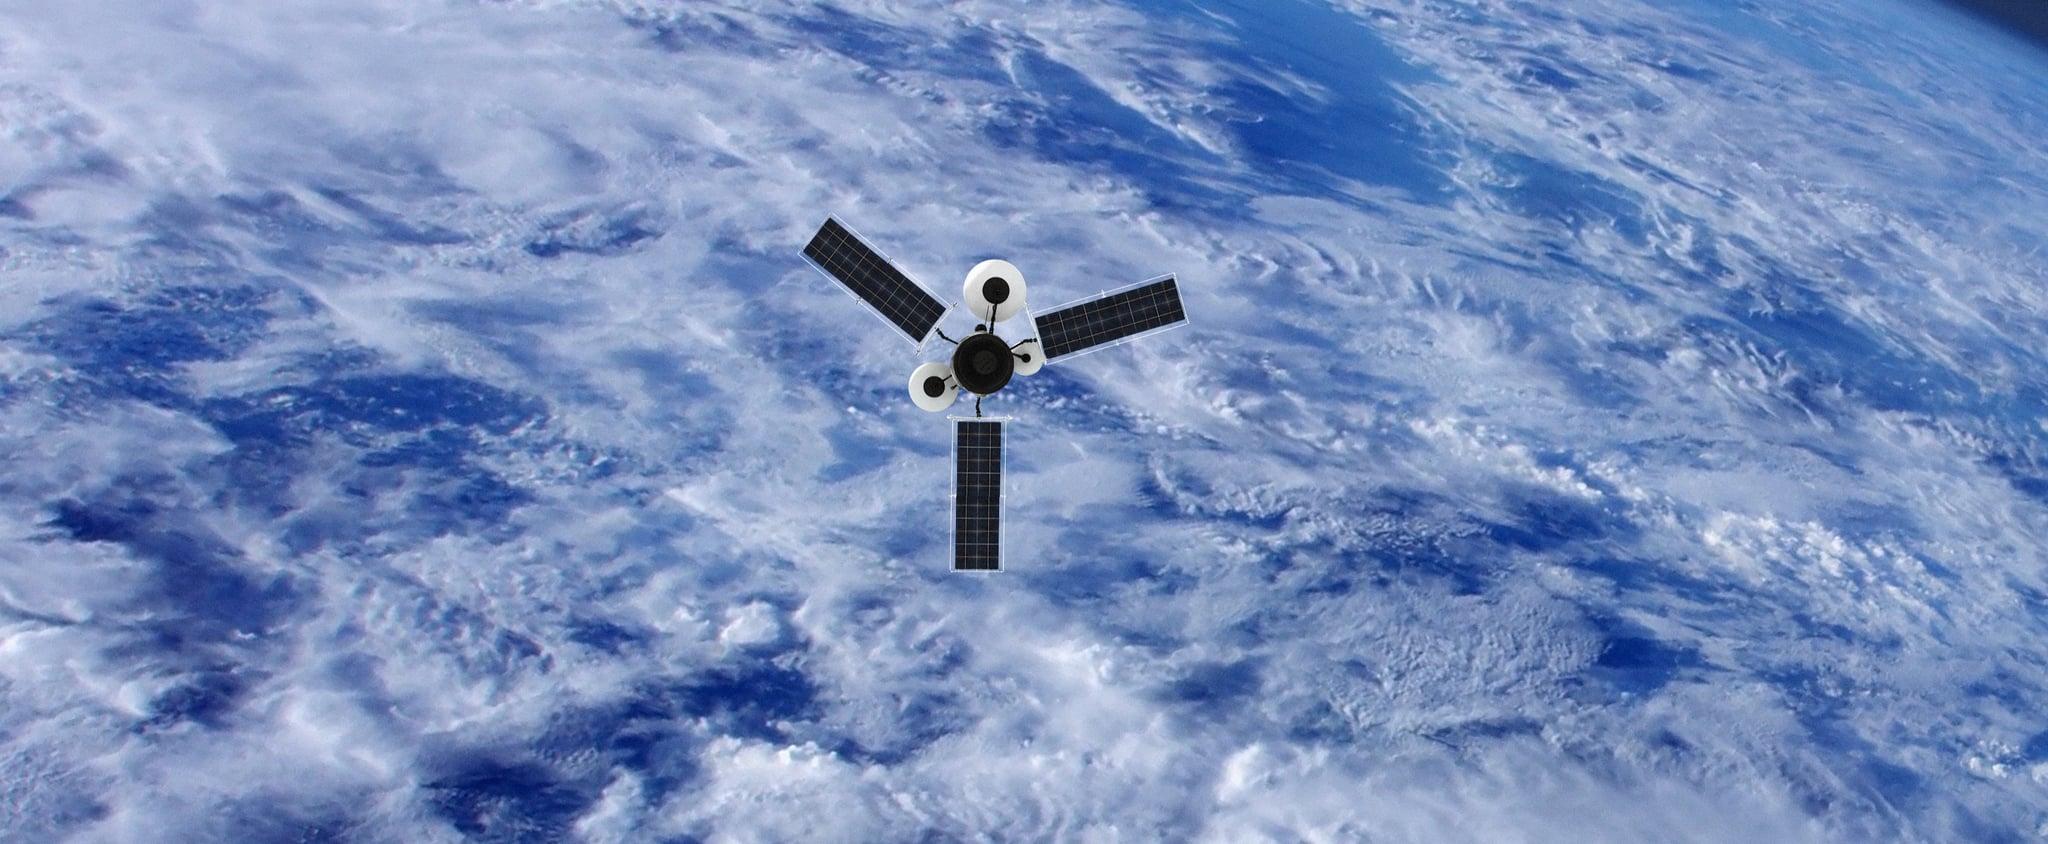 إيستي لودر ترسل سيروم عناية بالبشرة إلى الفضاء